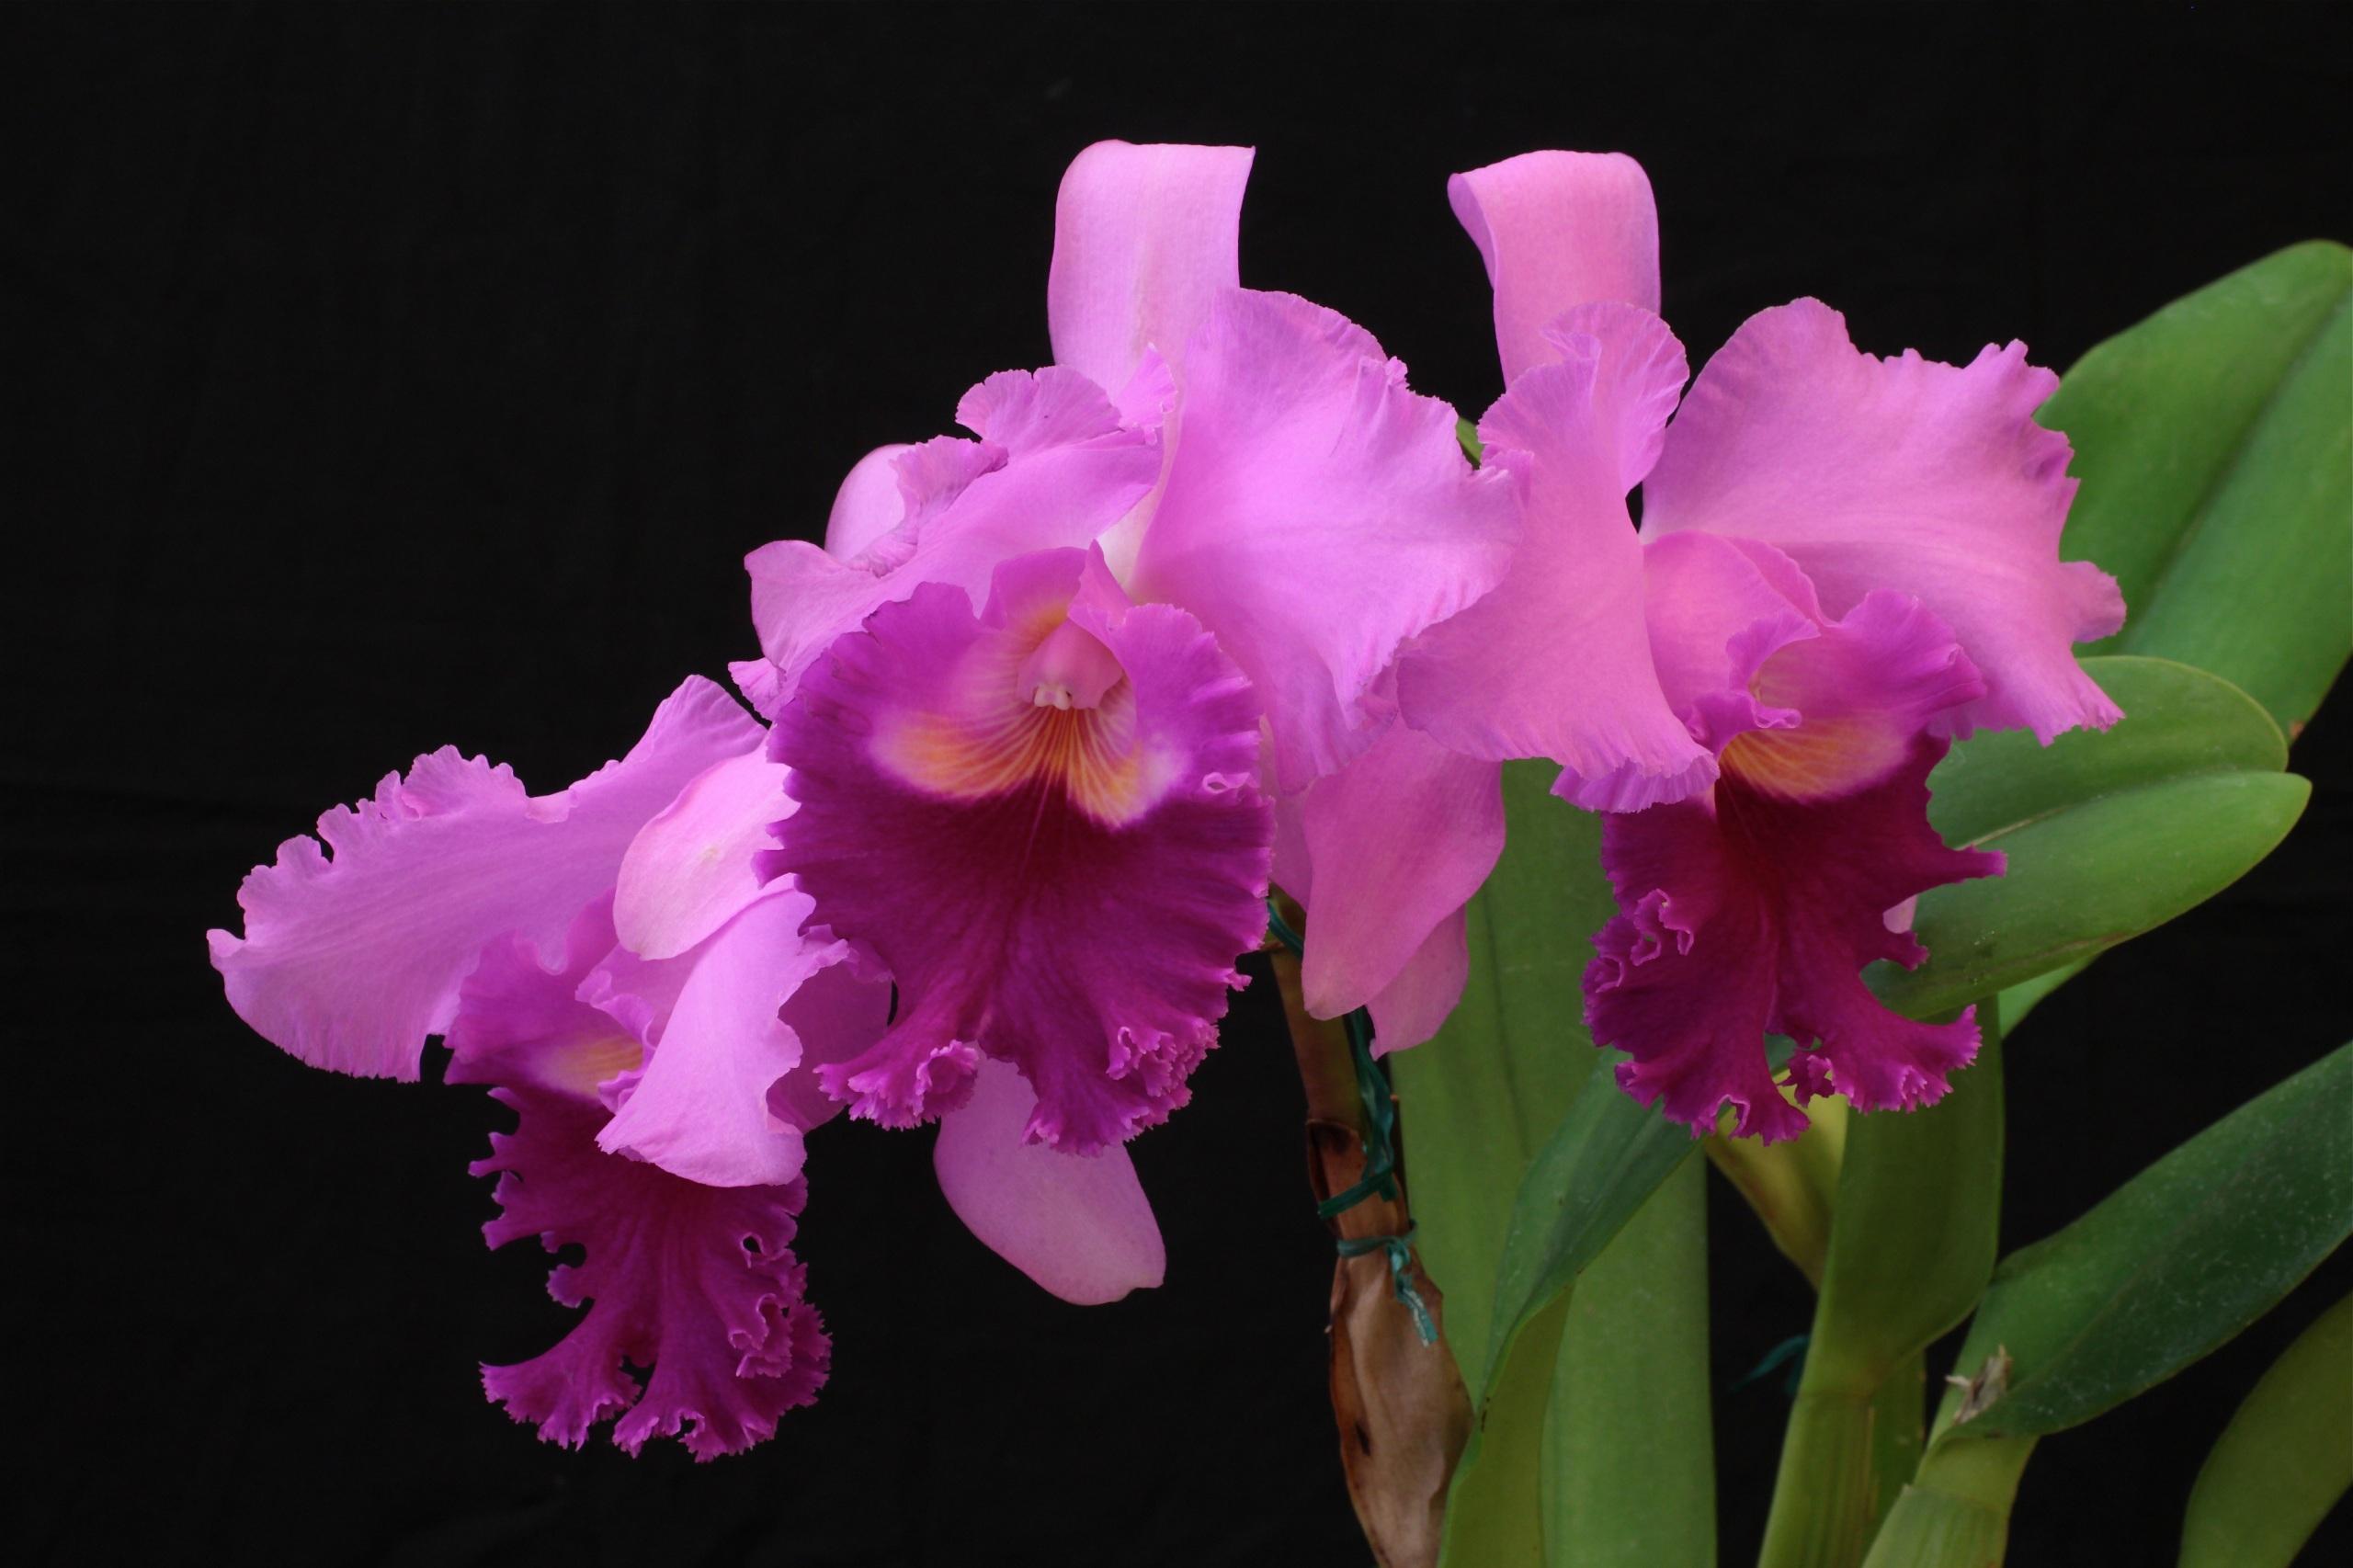 Фото розовая Орхидеи Цветы Черный фон Крупным планом 2560x1706 розовых розовые Розовый орхидея цветок вблизи на черном фоне